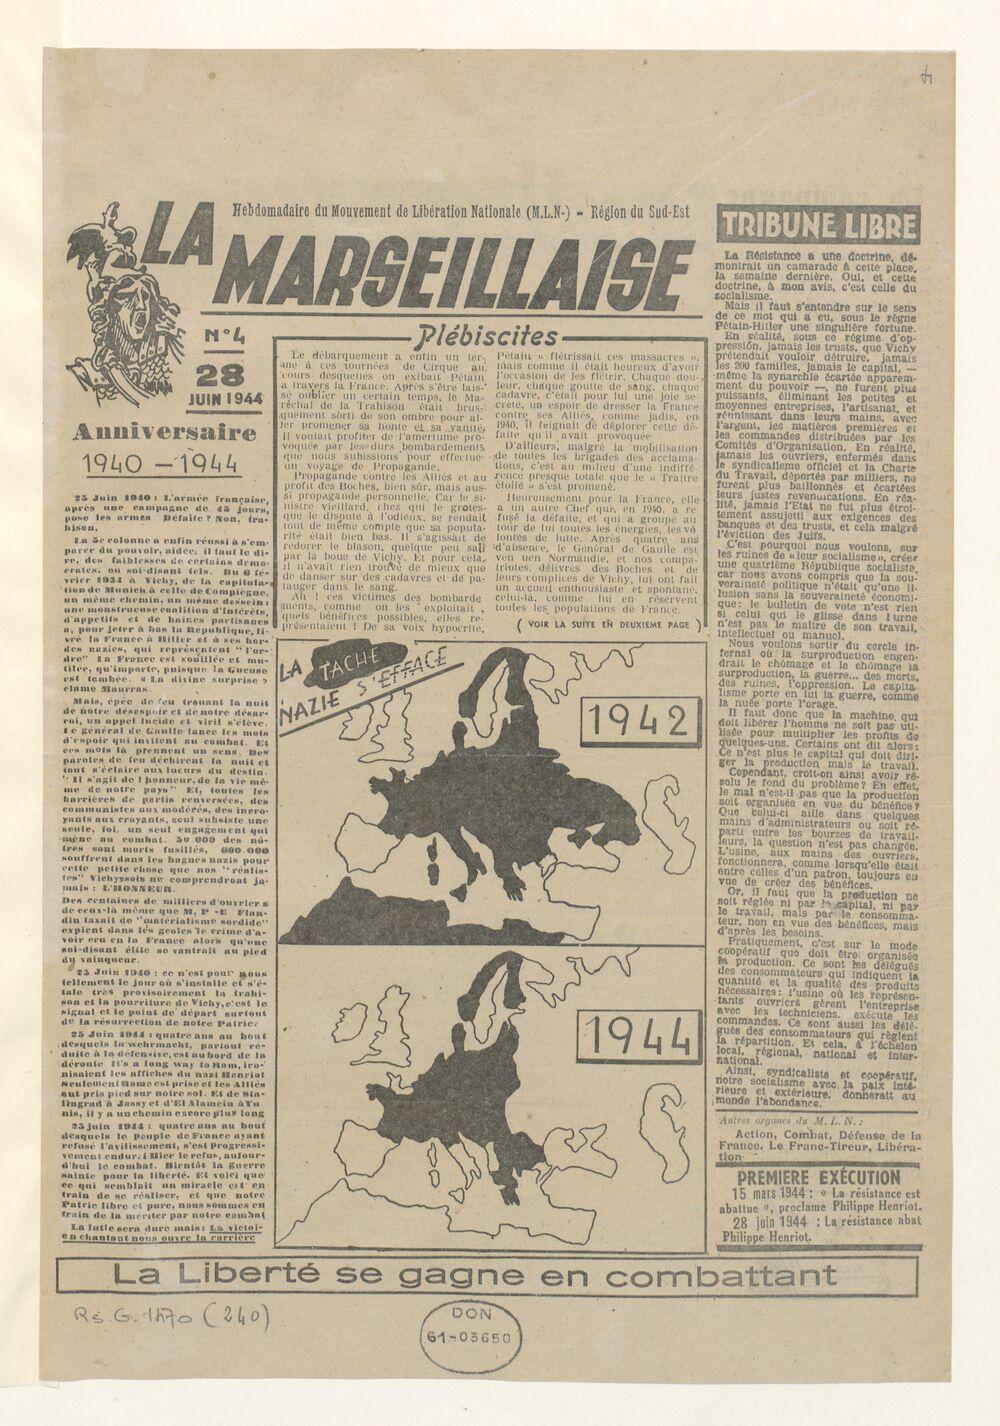 La Marseillaise : organe régional des Mouvements unis de résistance du Sud-Est